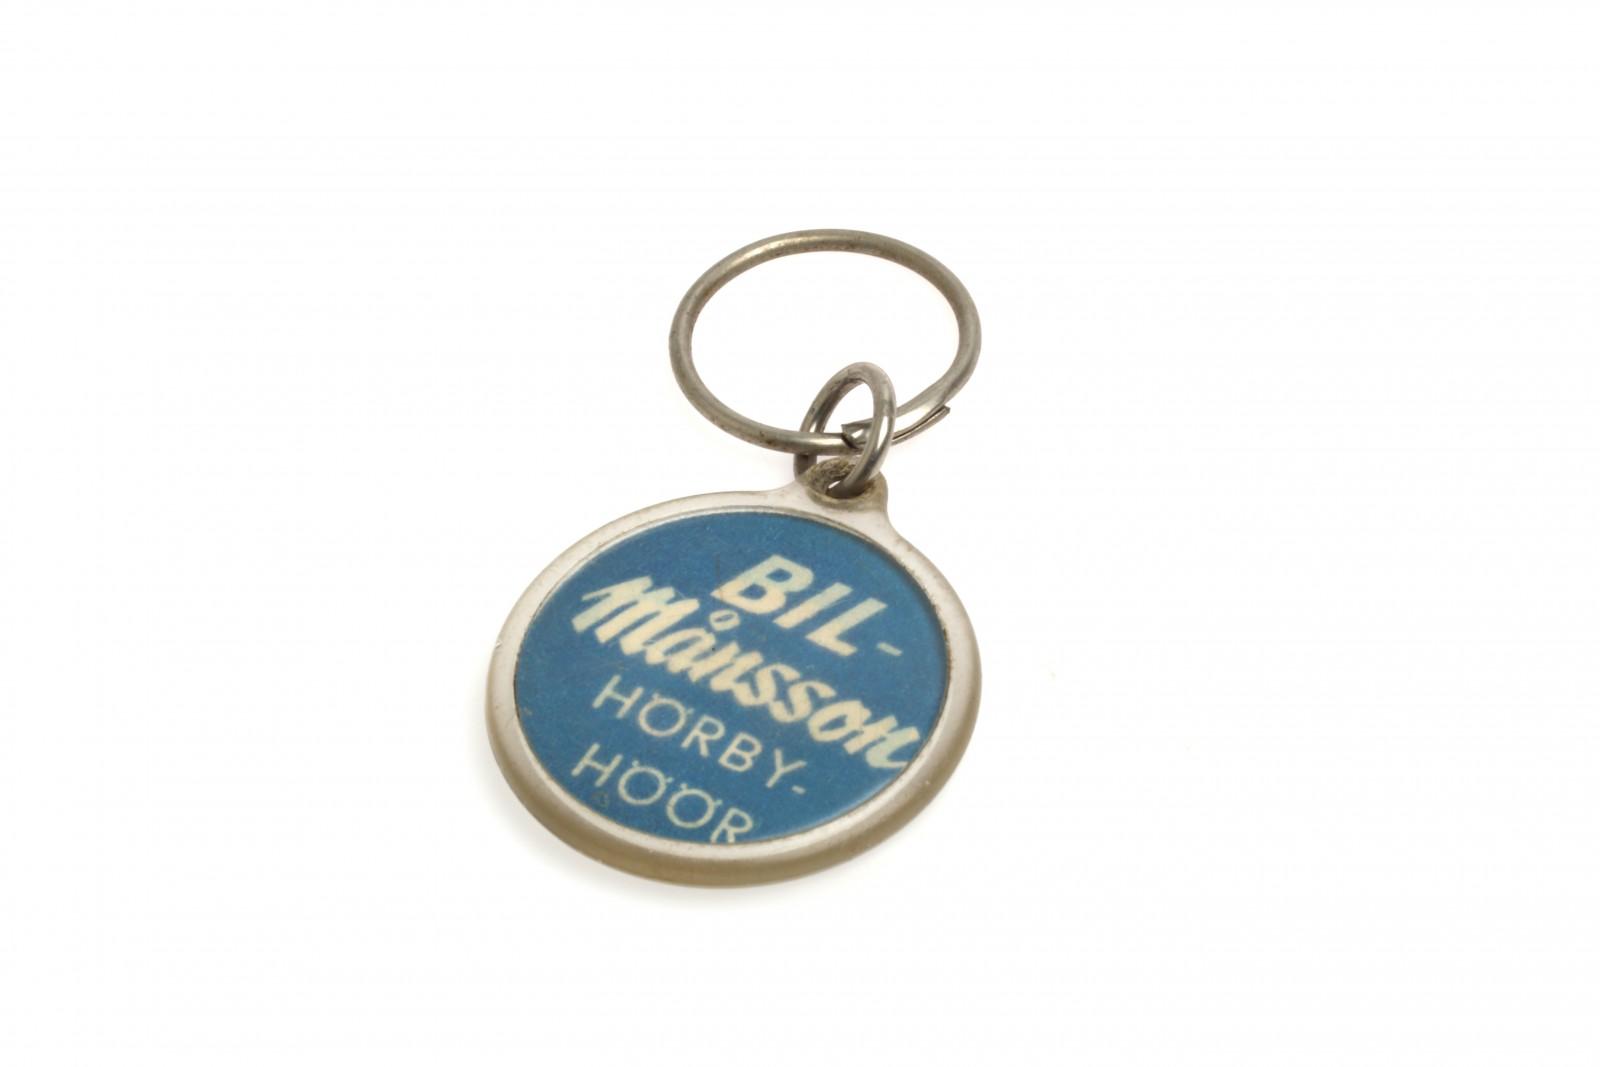 Nyckeln till Volvokunden!